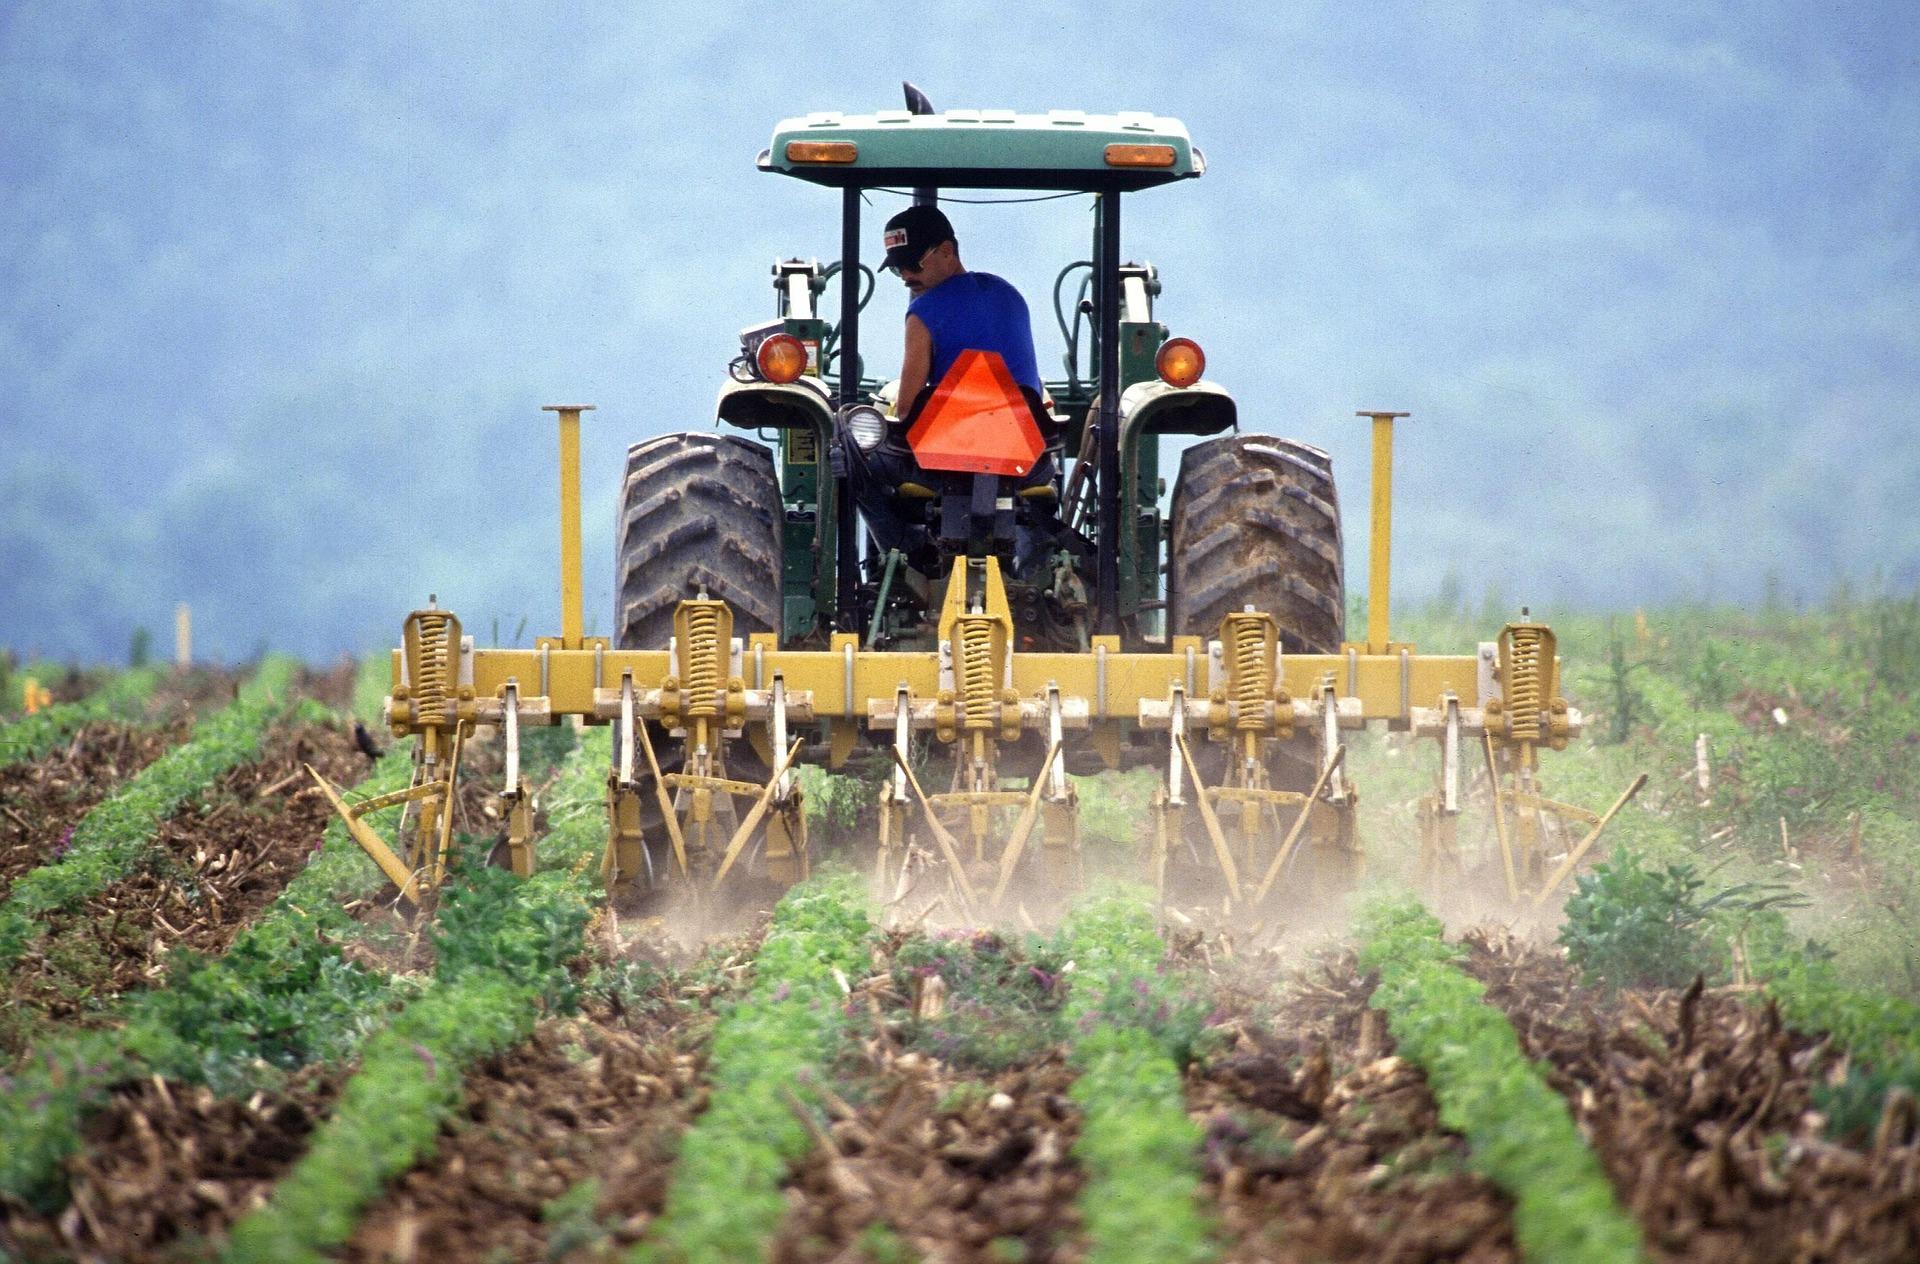 Rubel helyett kriptopénzzel fizetnek az orosz farmerek